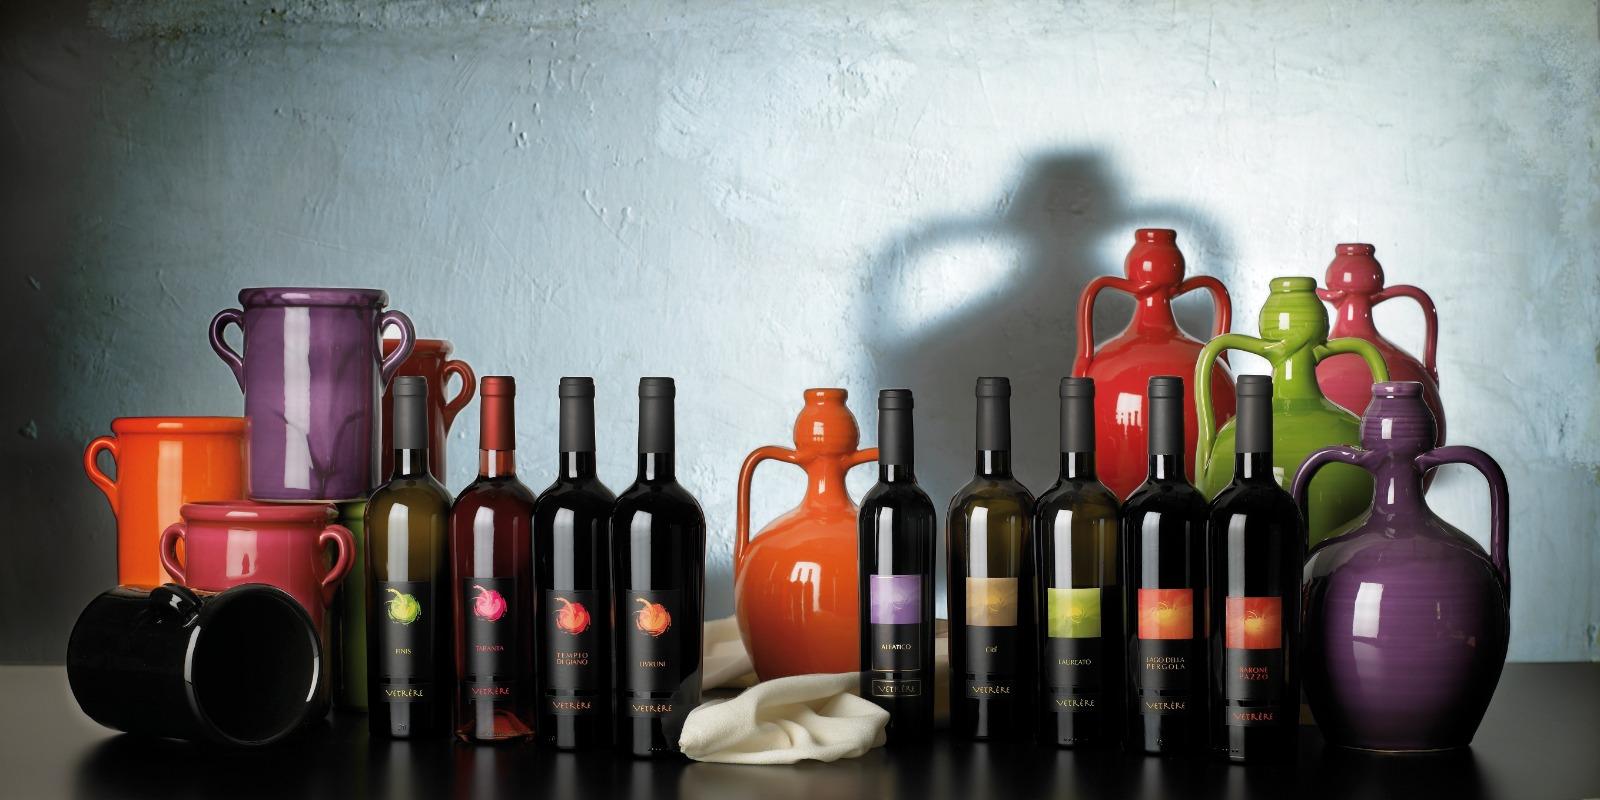 Vino e olio sono i prodotti di punta di Vetrére